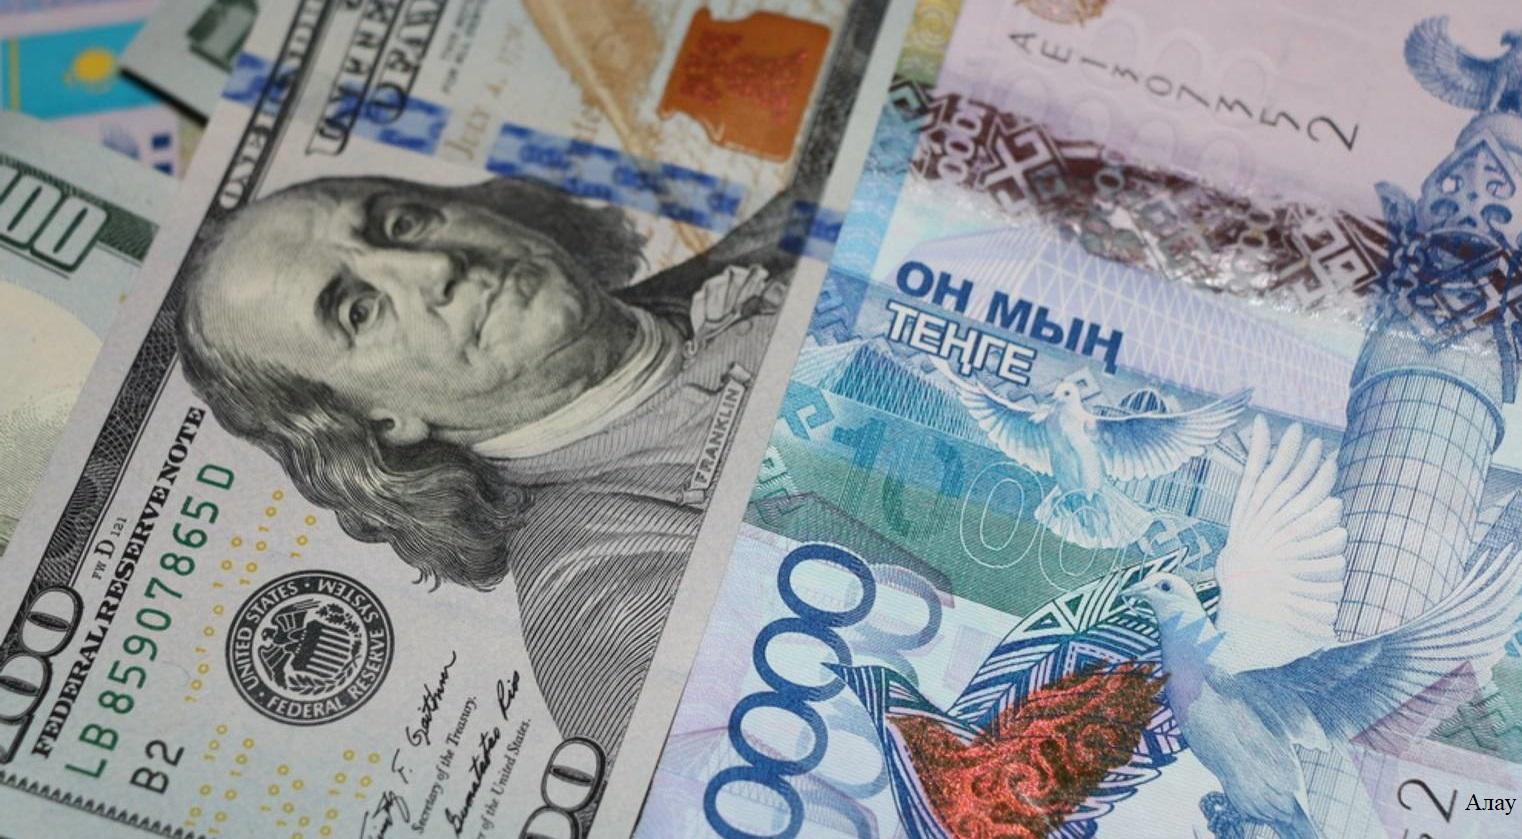 Курс тенге к доллару будет определяться по новой системе расчётов